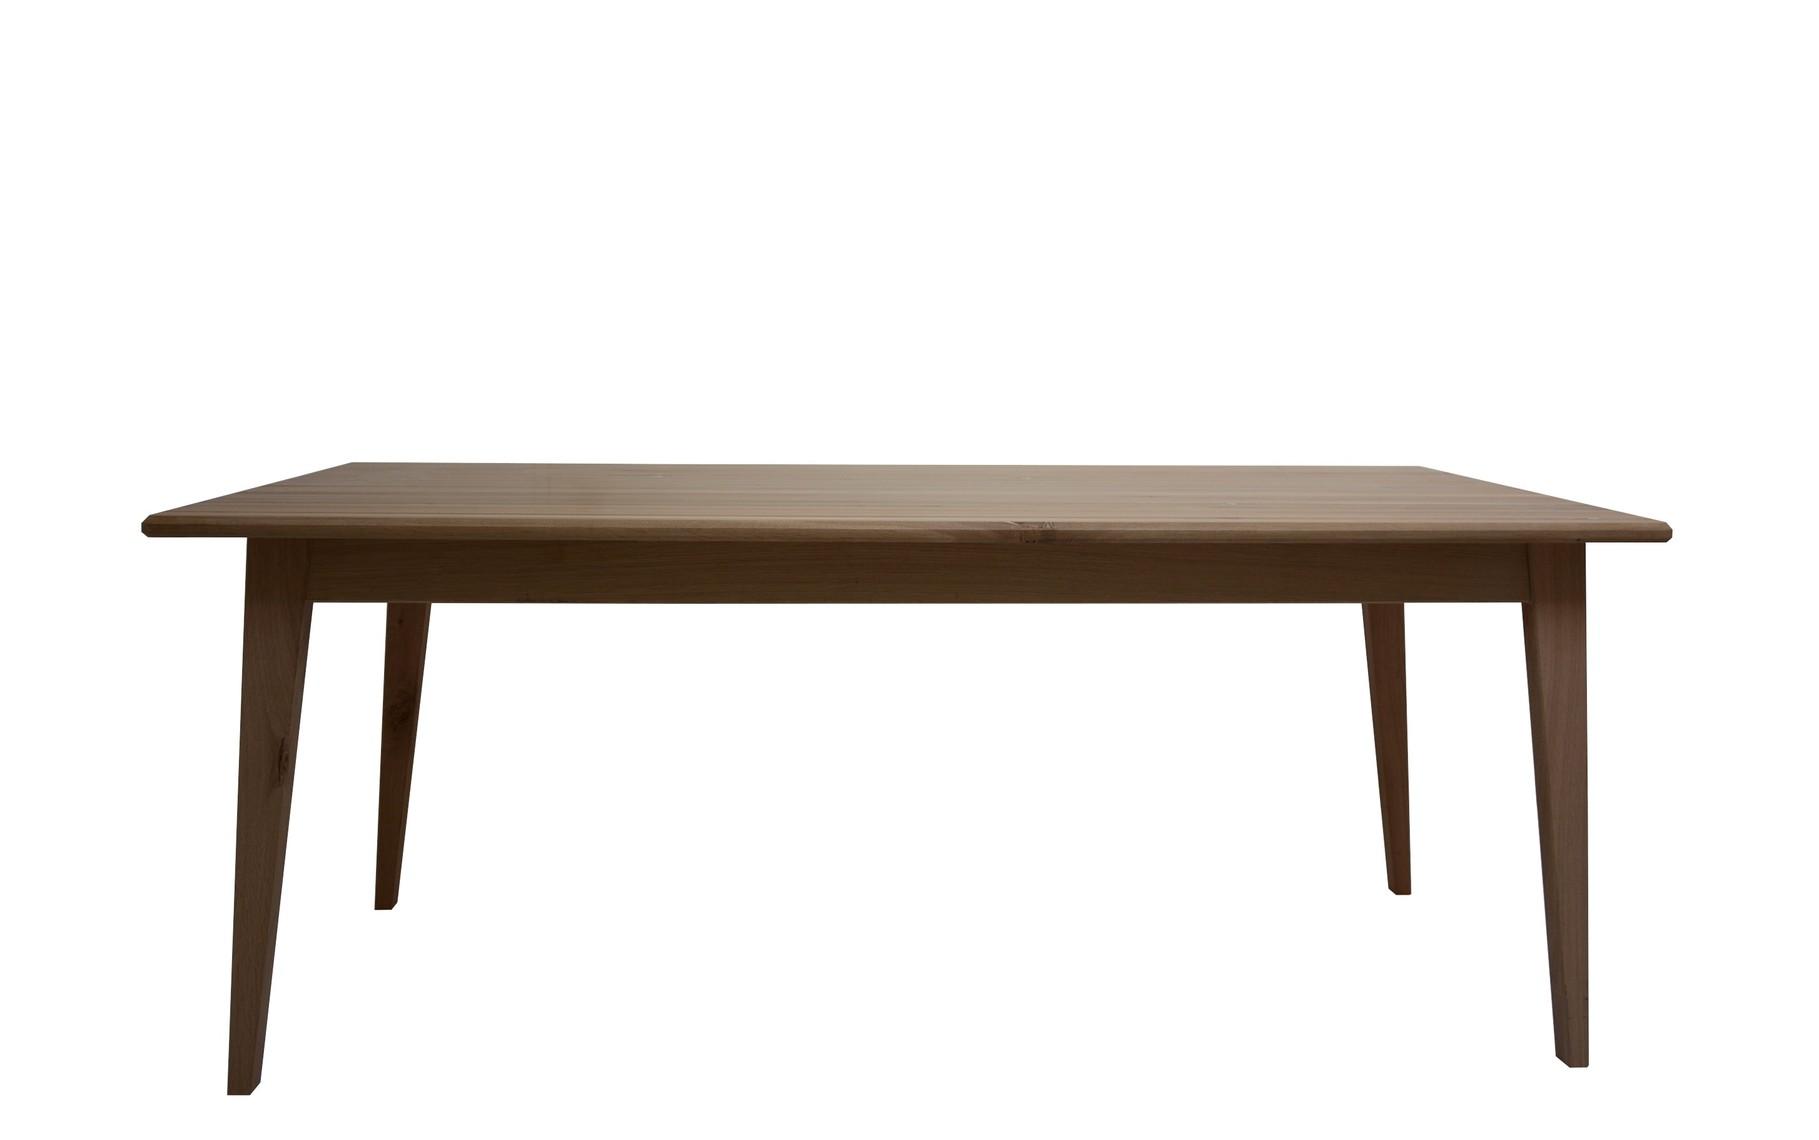 esstisch massivholz tisch eiche rustikal neuformat. Black Bedroom Furniture Sets. Home Design Ideas